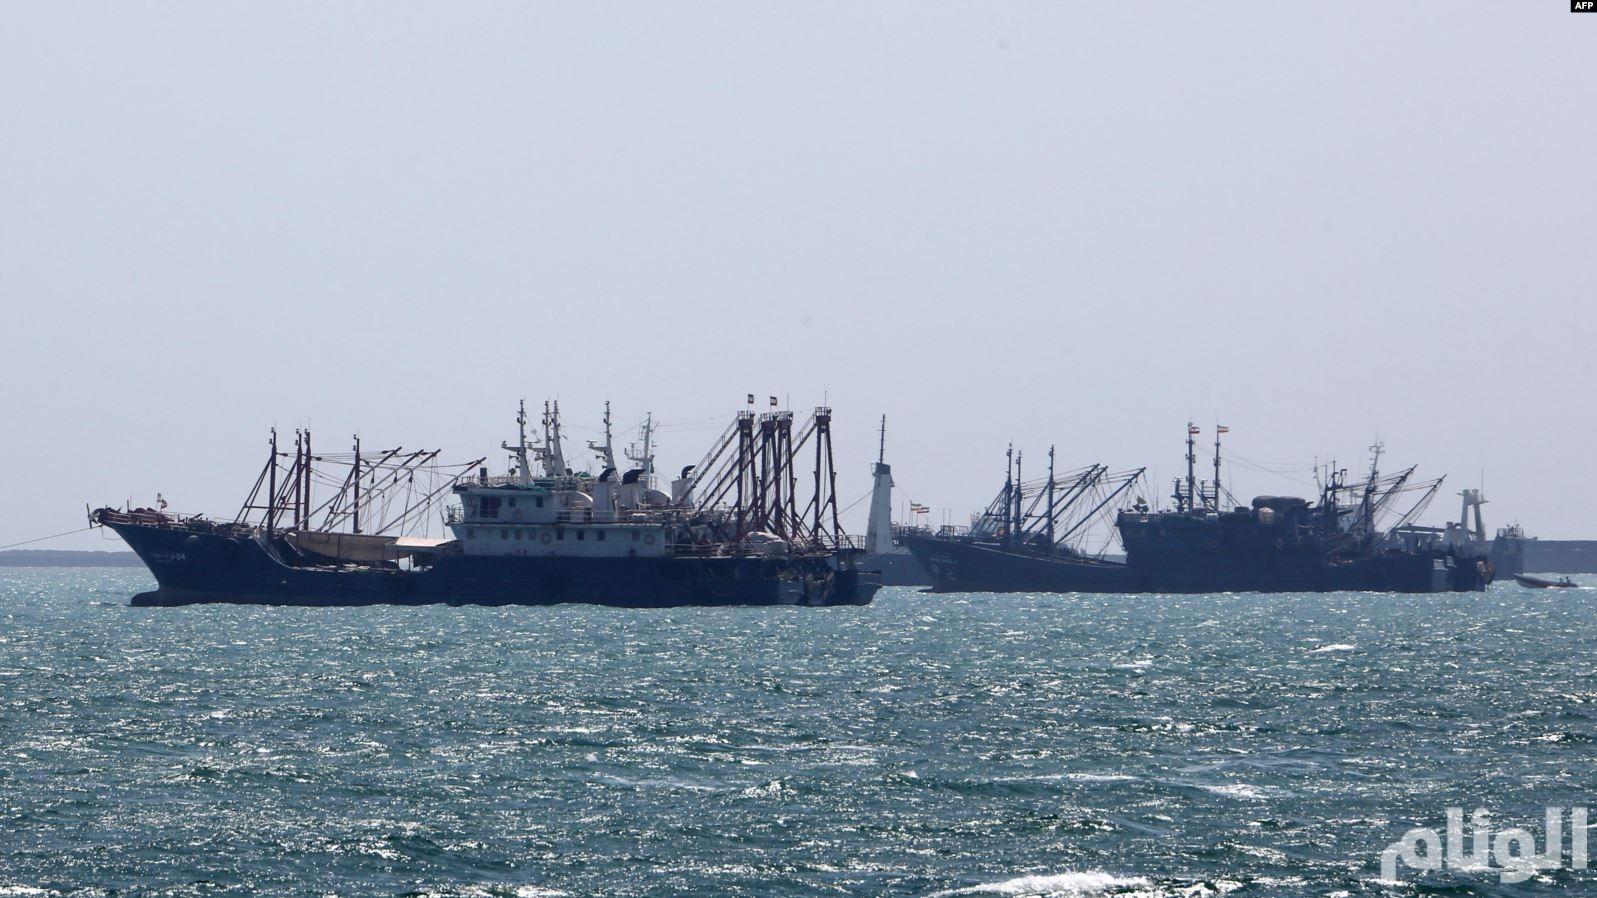 بعد 4 أيام.. إيران تقر بوجود ناقلة النفط MT RIAH لديها